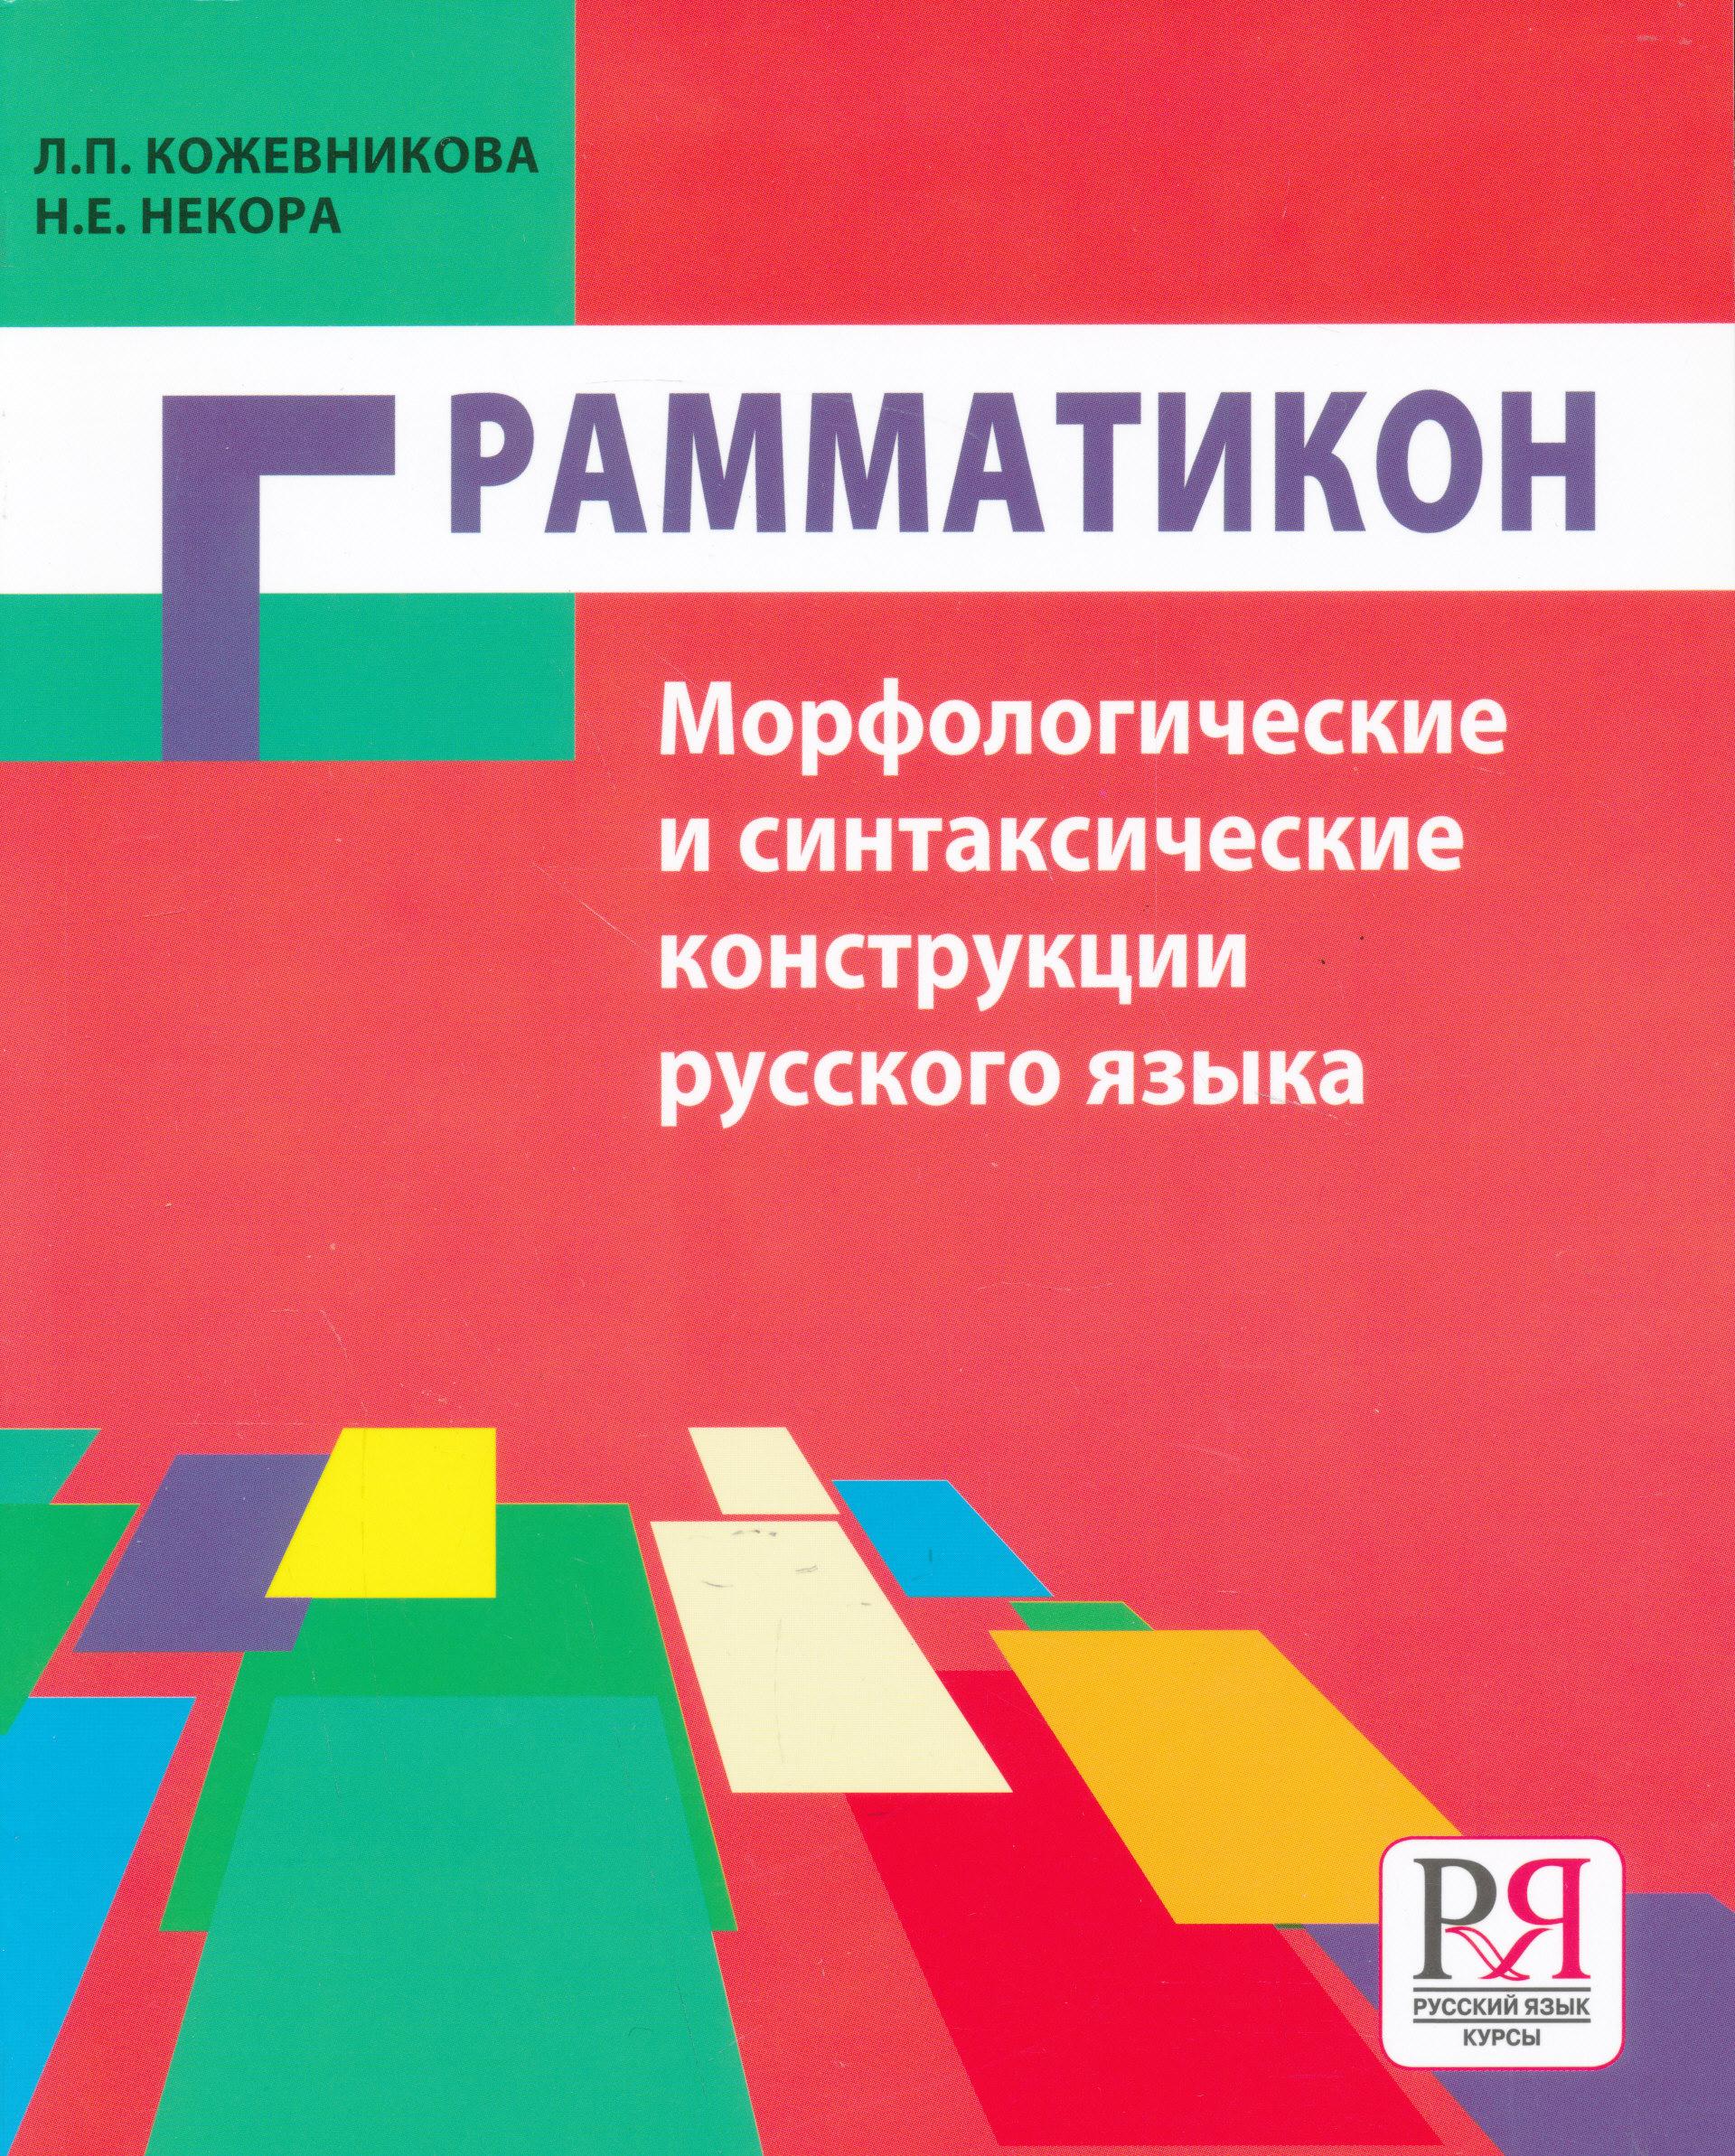 Grammatikon. Morfologicheskie i sintaksicheskie konstruktsii russkogo jazyka